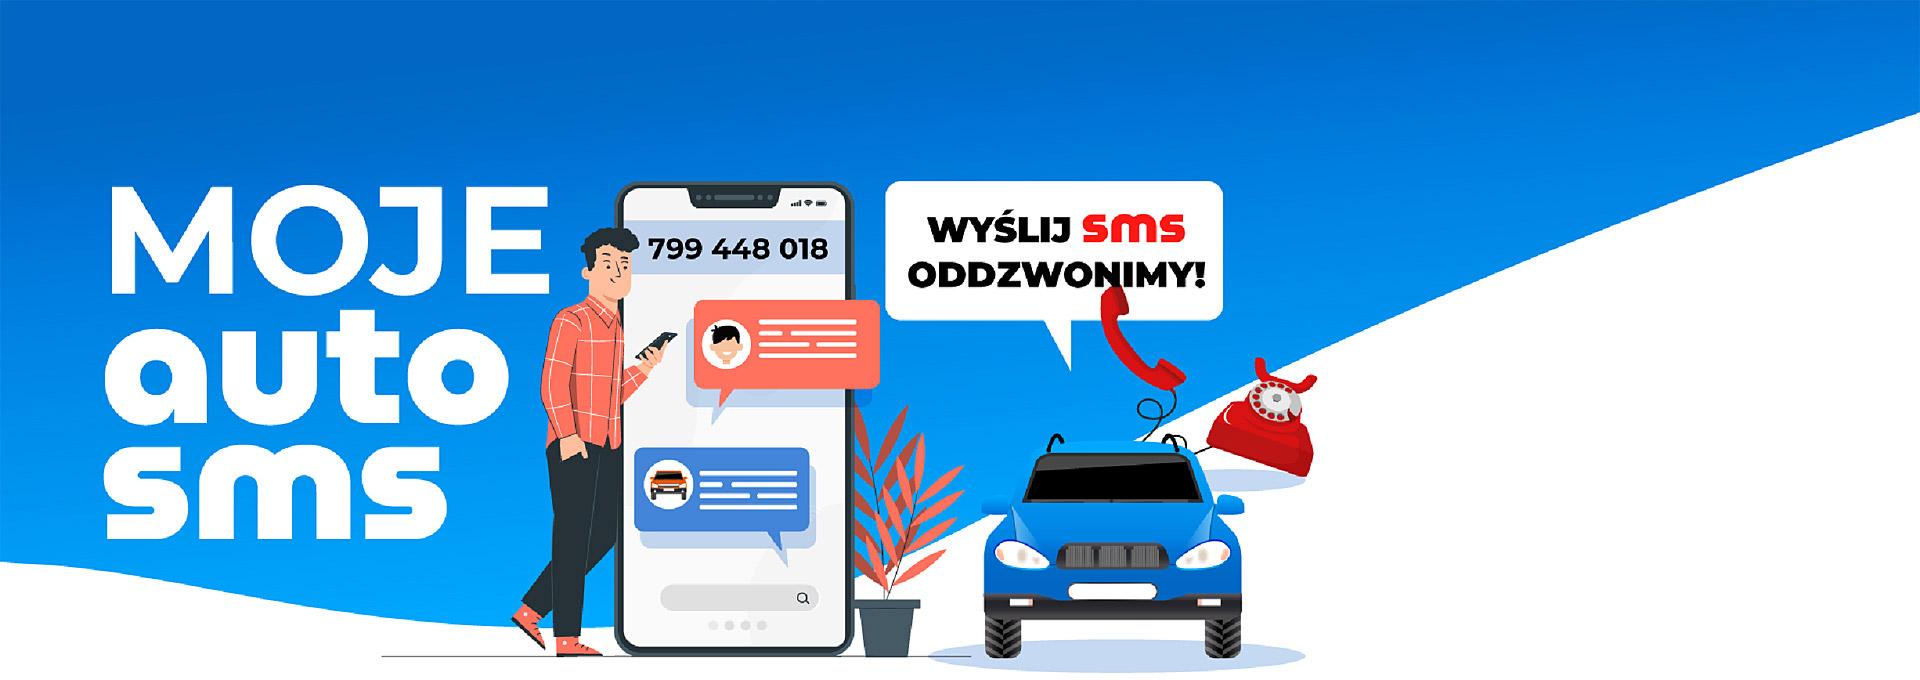 Biały napis Moje Auto SMS na niebieskim tle. Obok mężczyzna, smartfon wielkości człowieka i napis: wyślij SMS oddzwonimy.